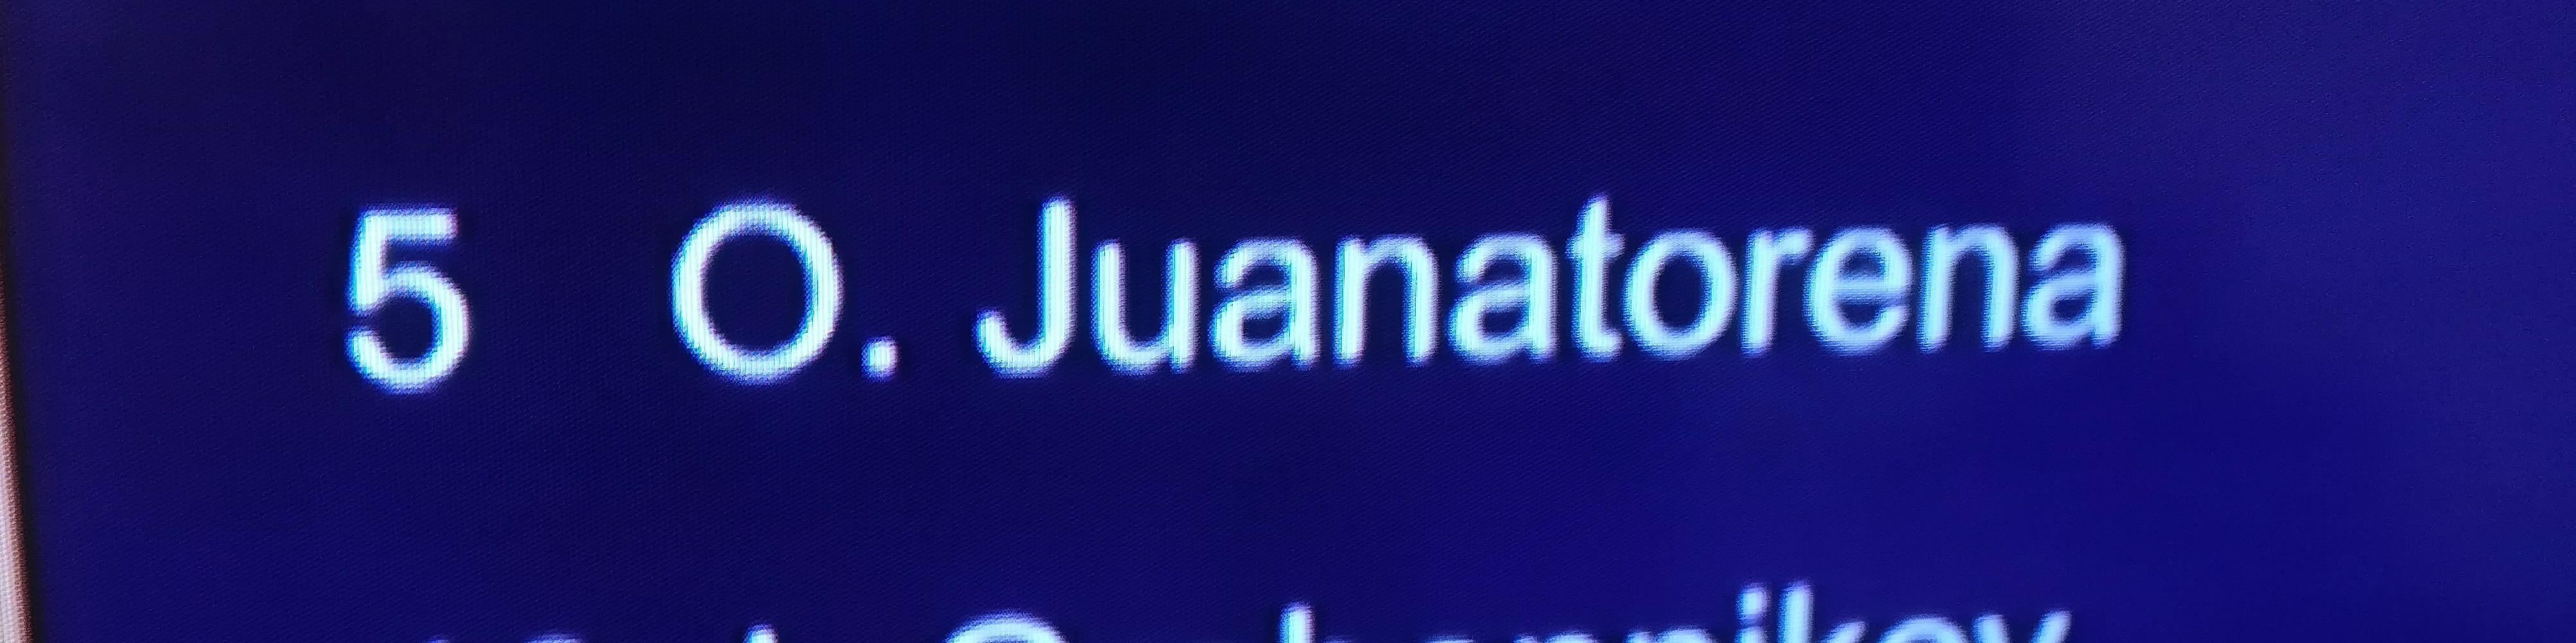 Juanatorena